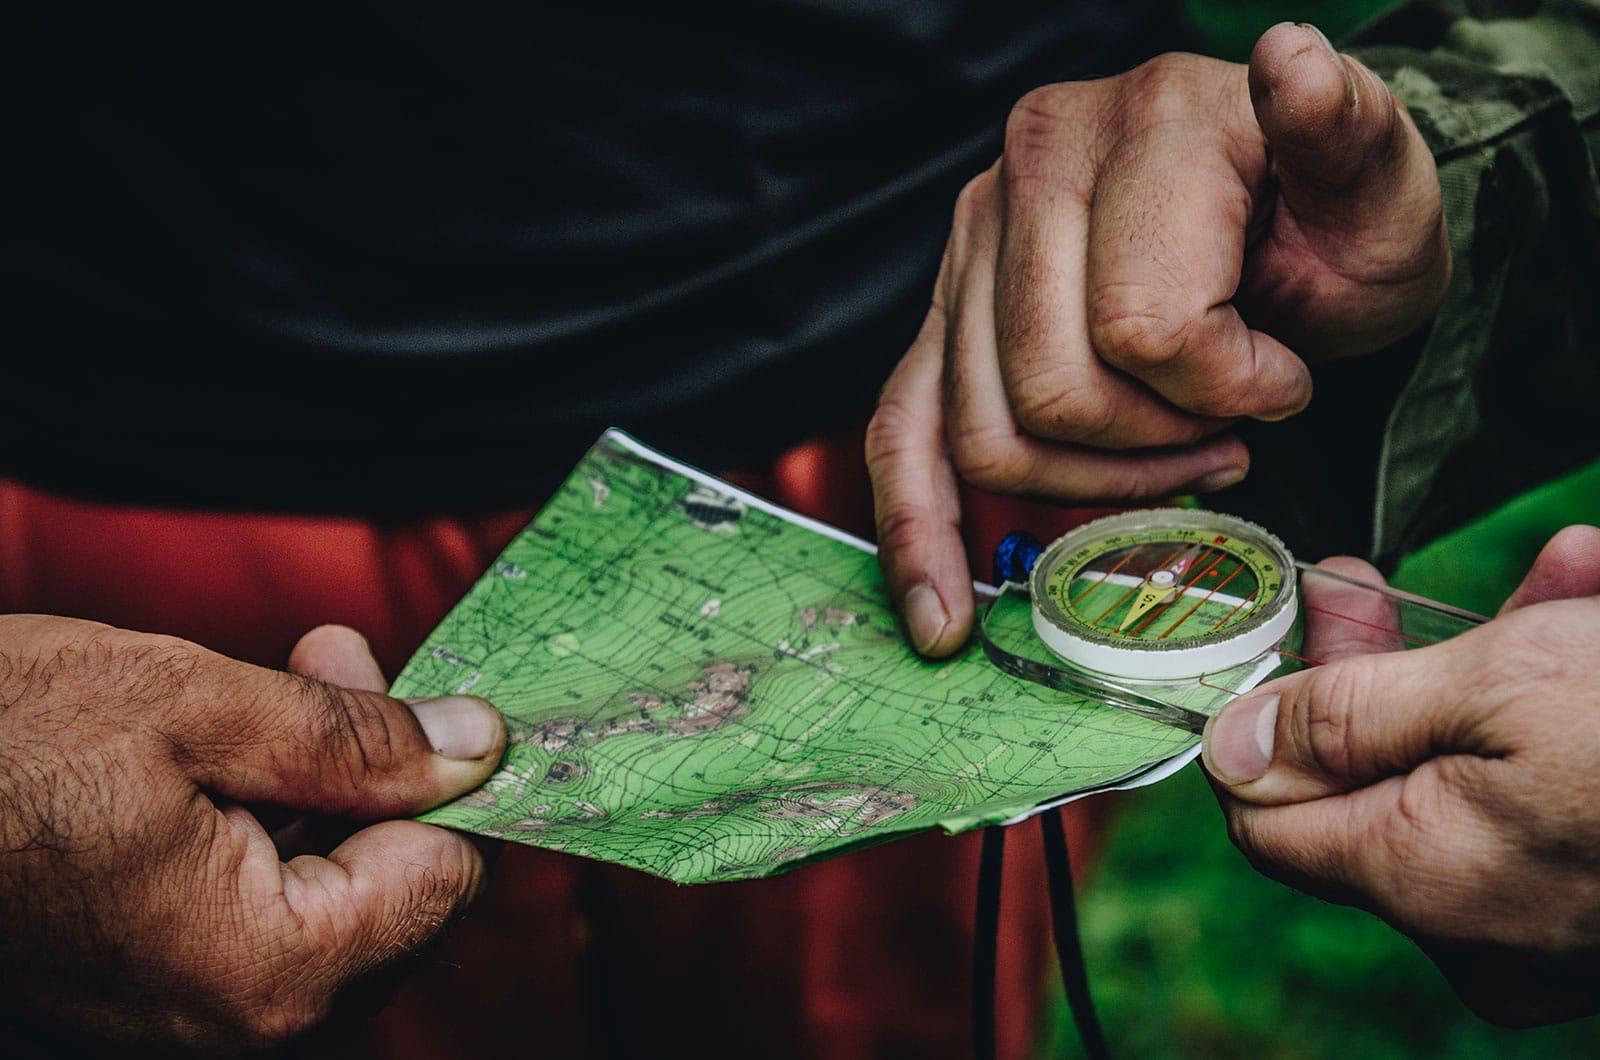 An toàn khi chạy trail địa hình, đi trekking: Coi chừng lạc đường!